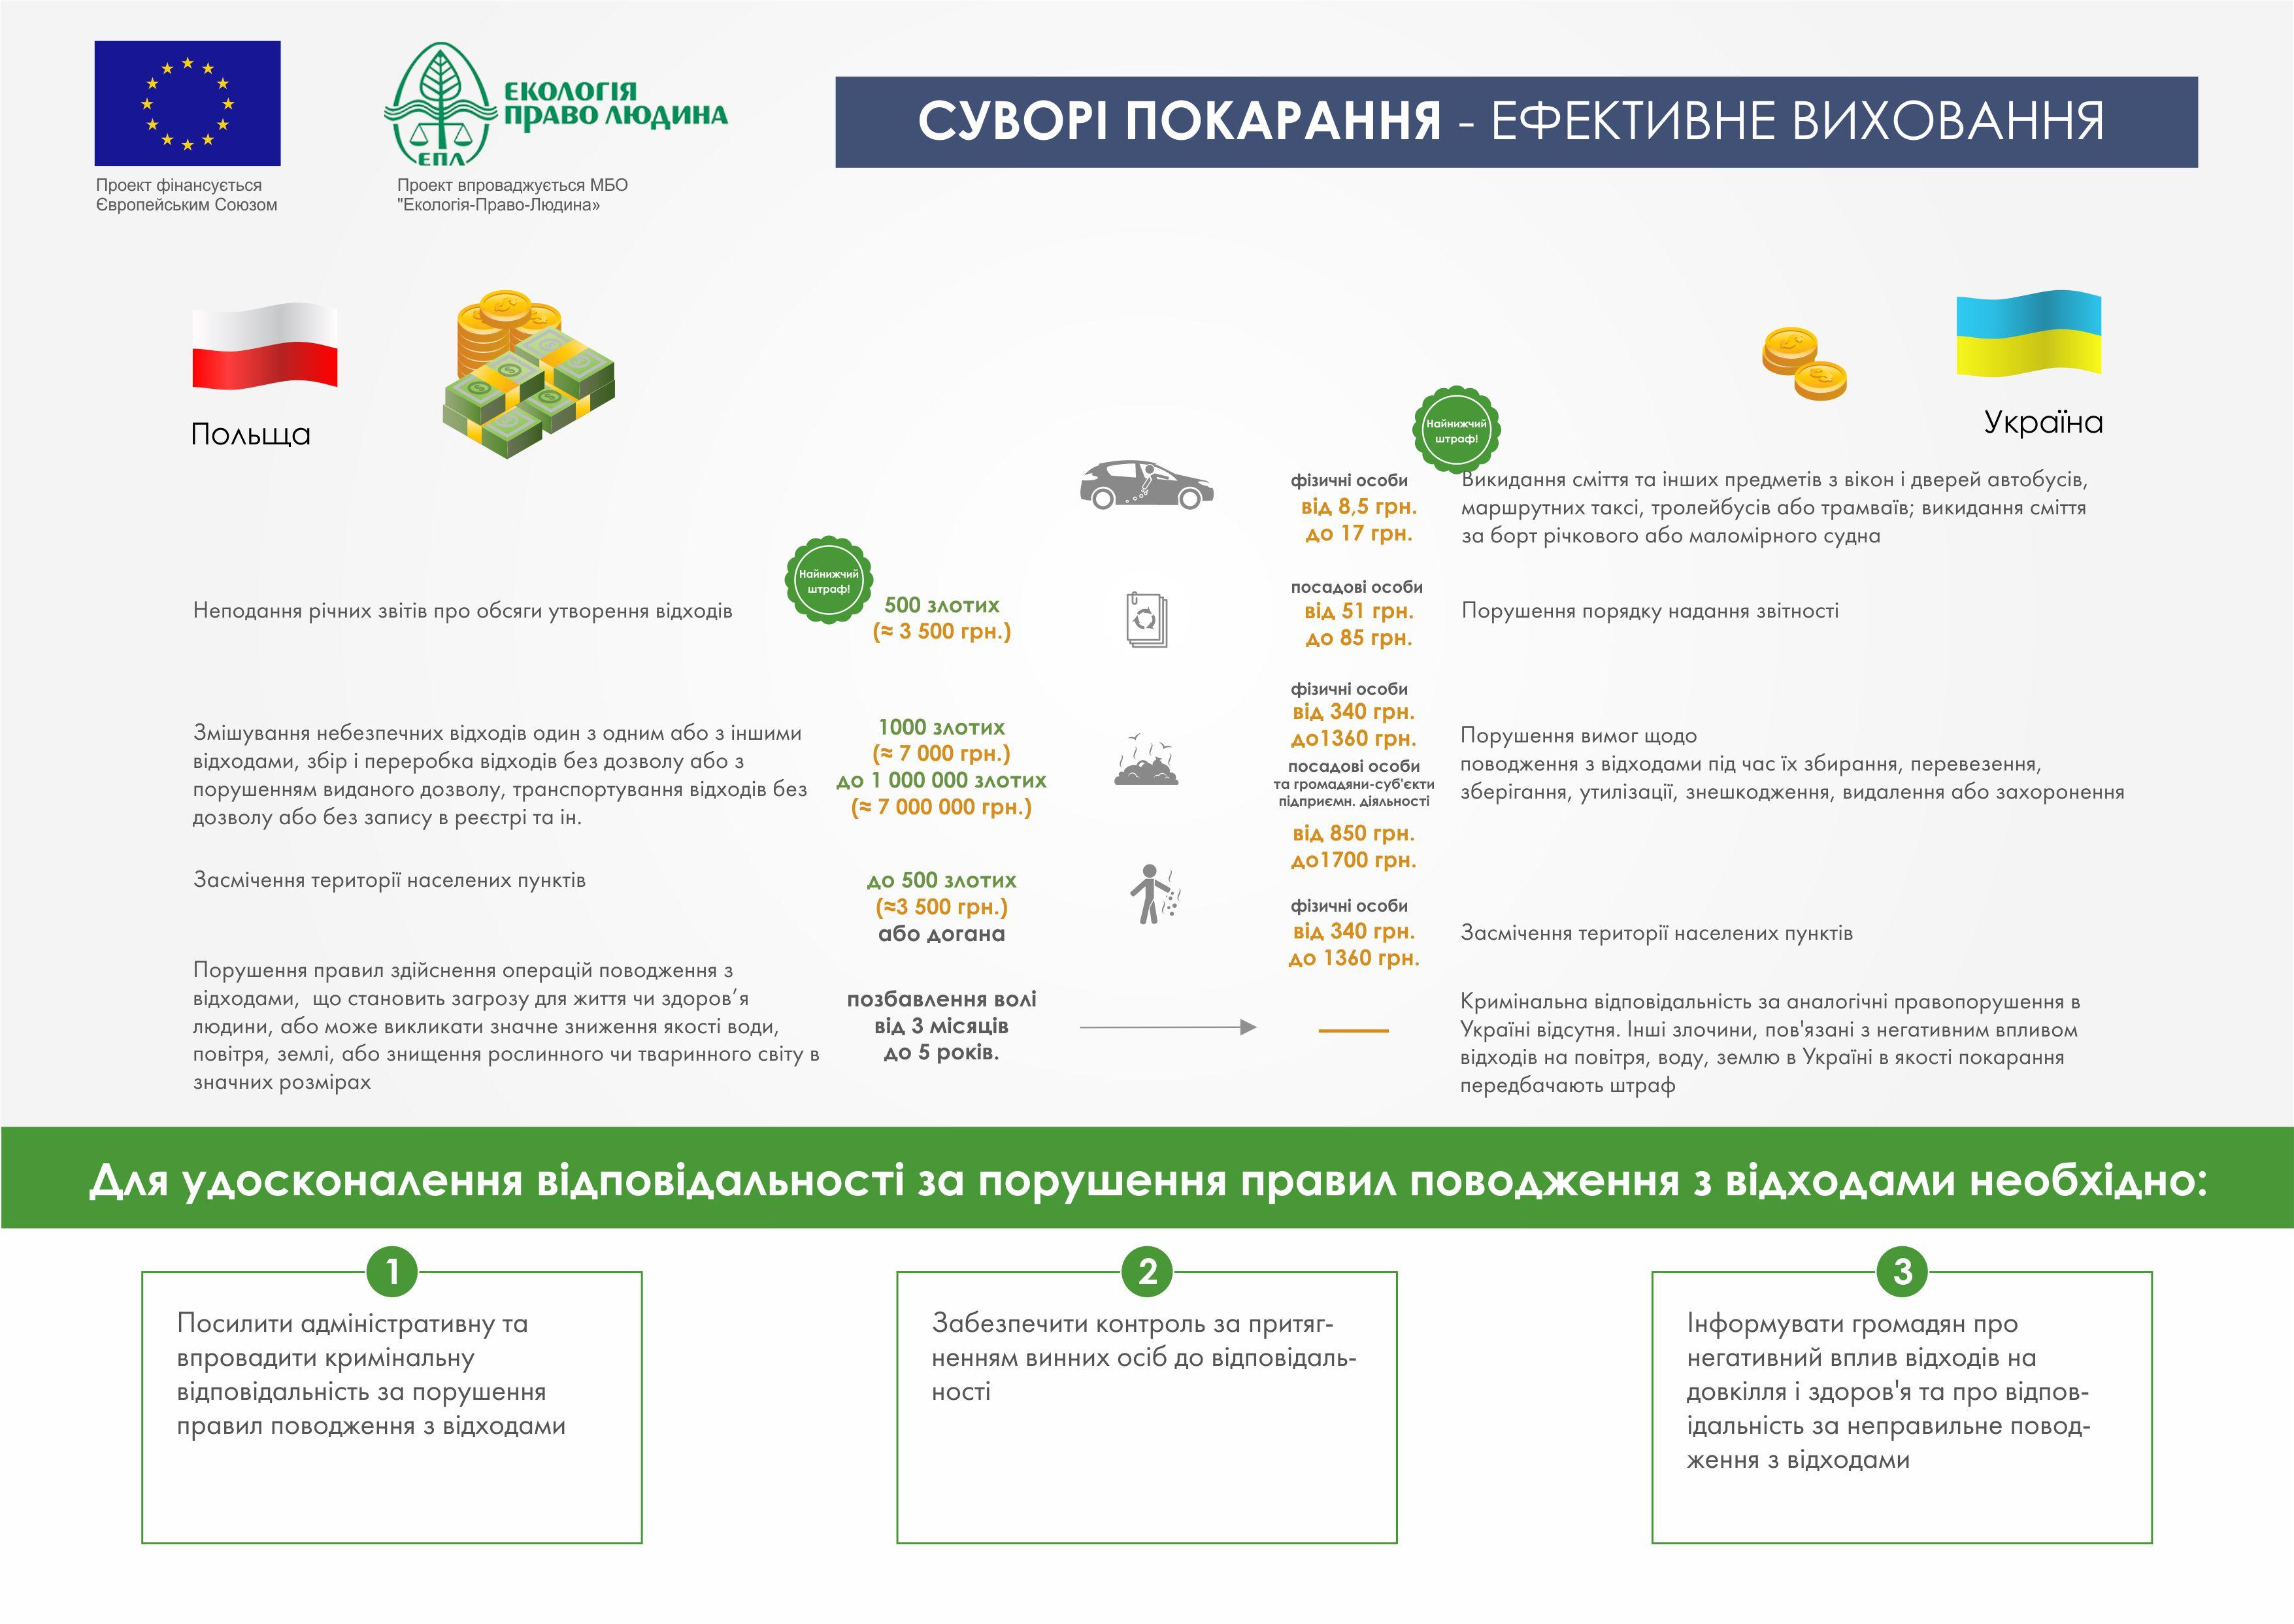 shtrafy_vidhody